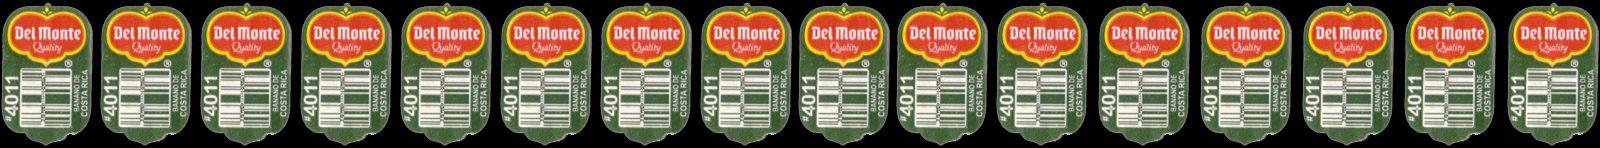 Etiquette_DelMonte_2 [1600x1200]